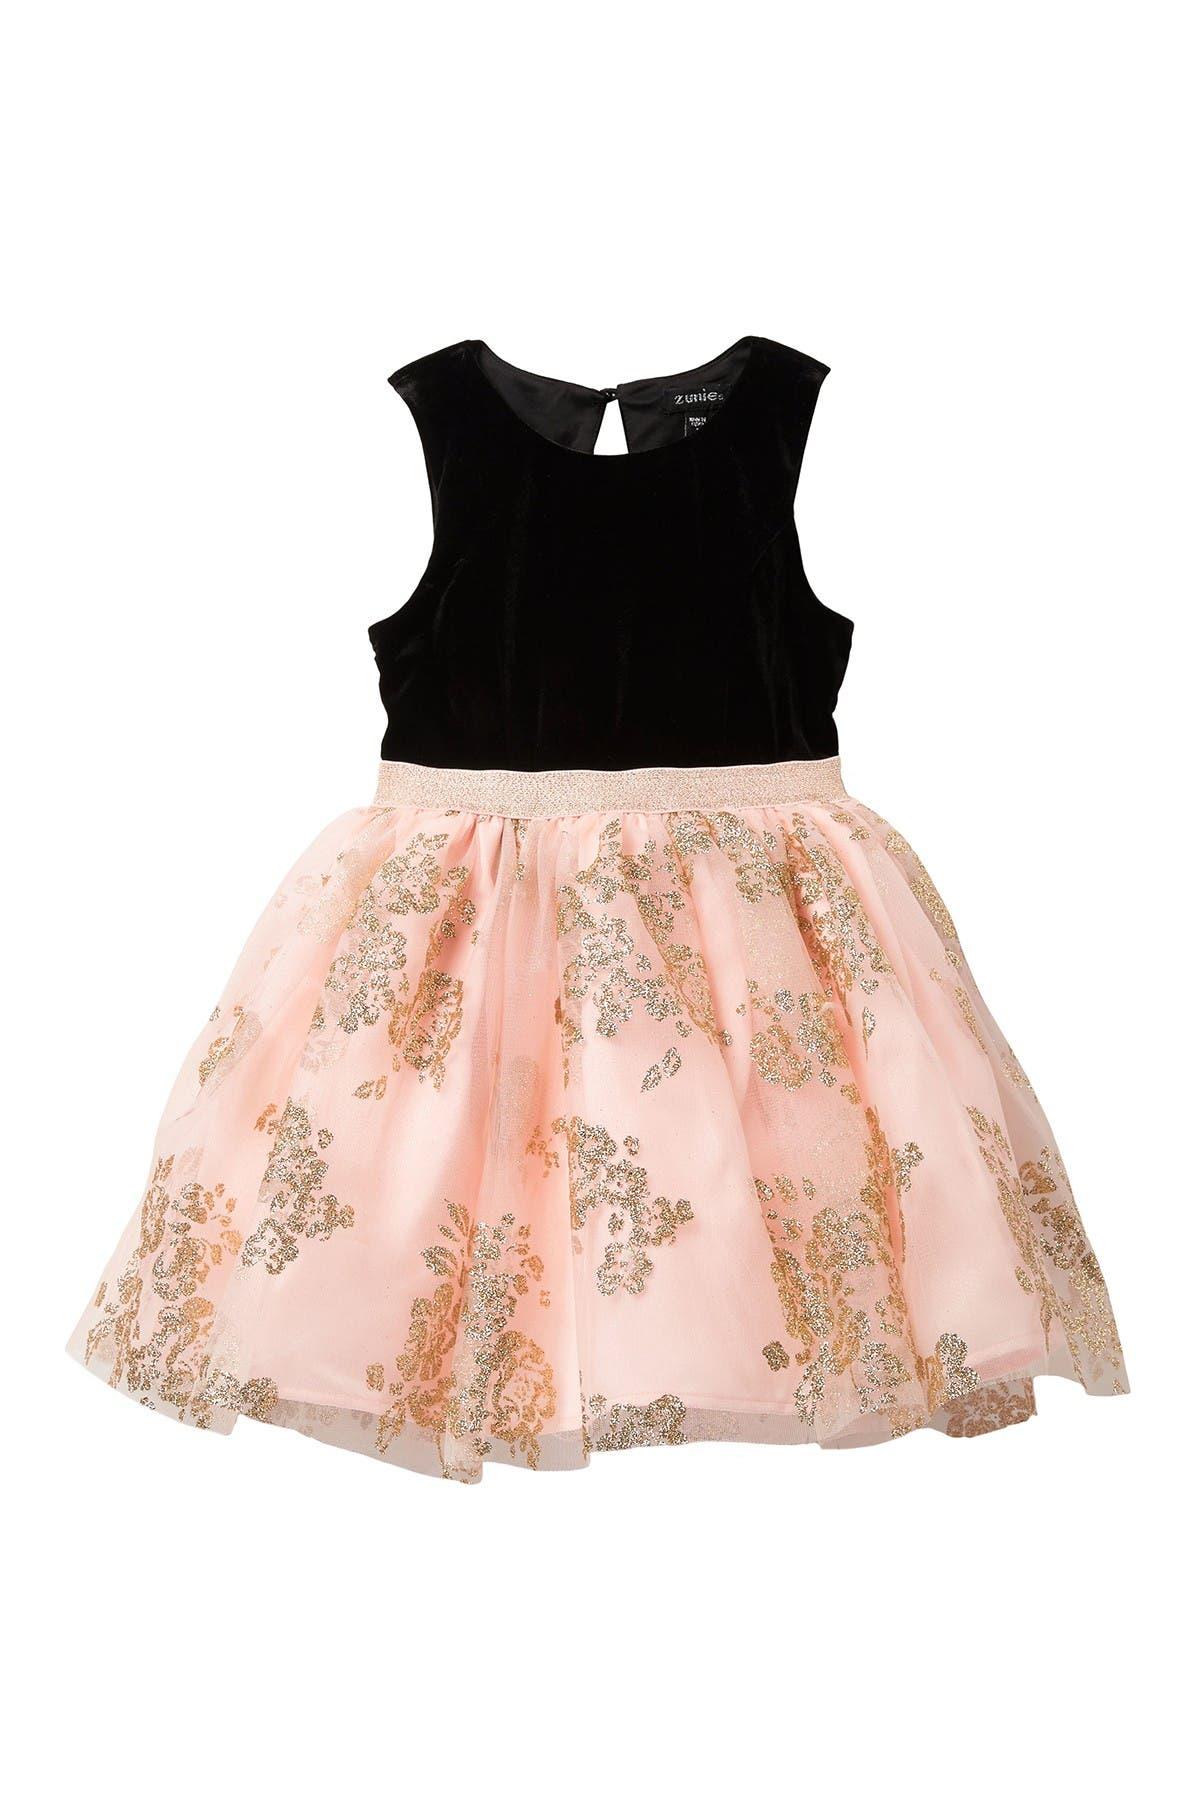 Image of Zunie Velvet Glittery Dress